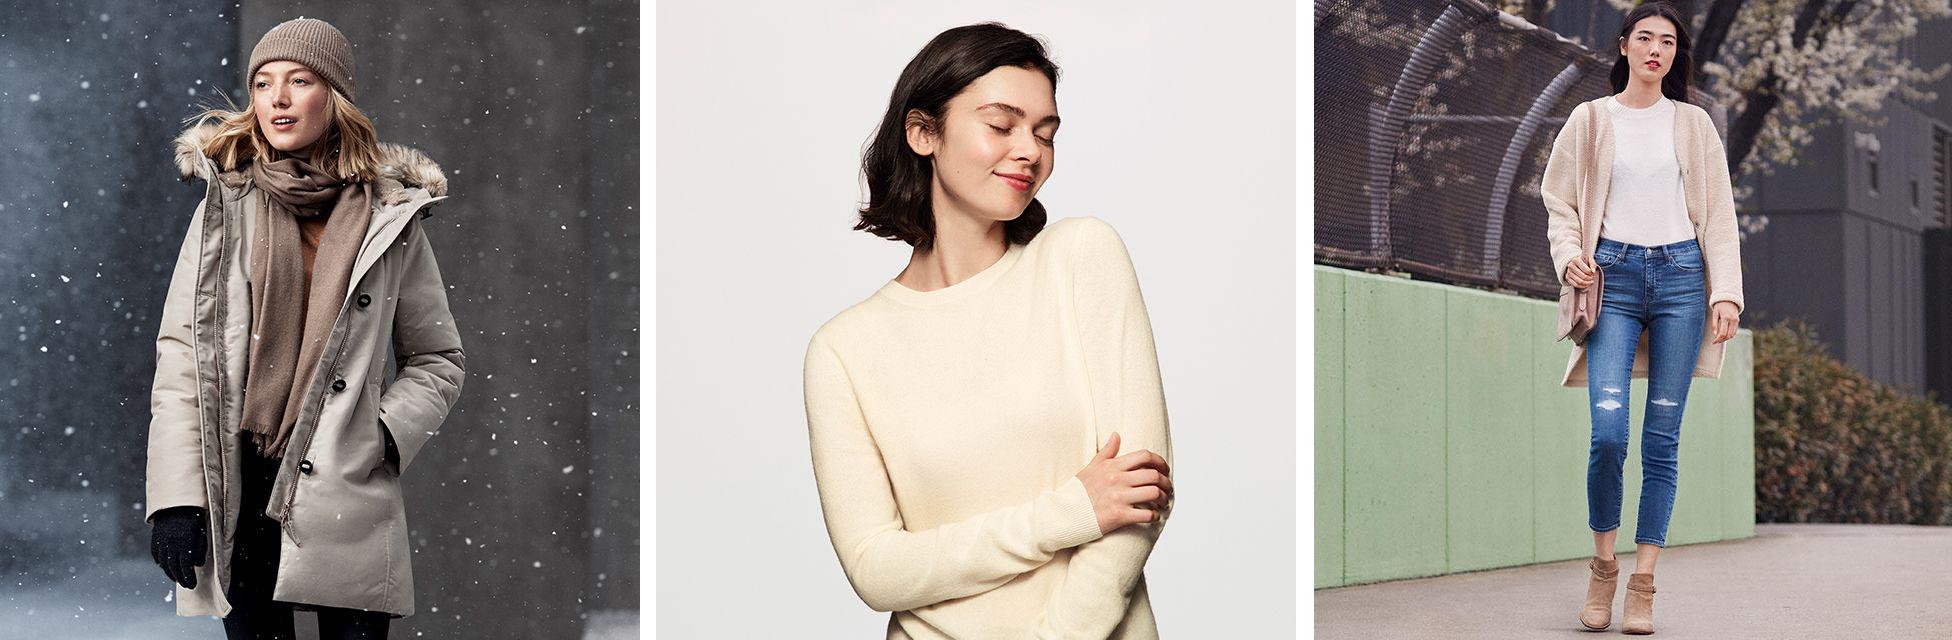 сайт дешевой женской одежды Uniqlo